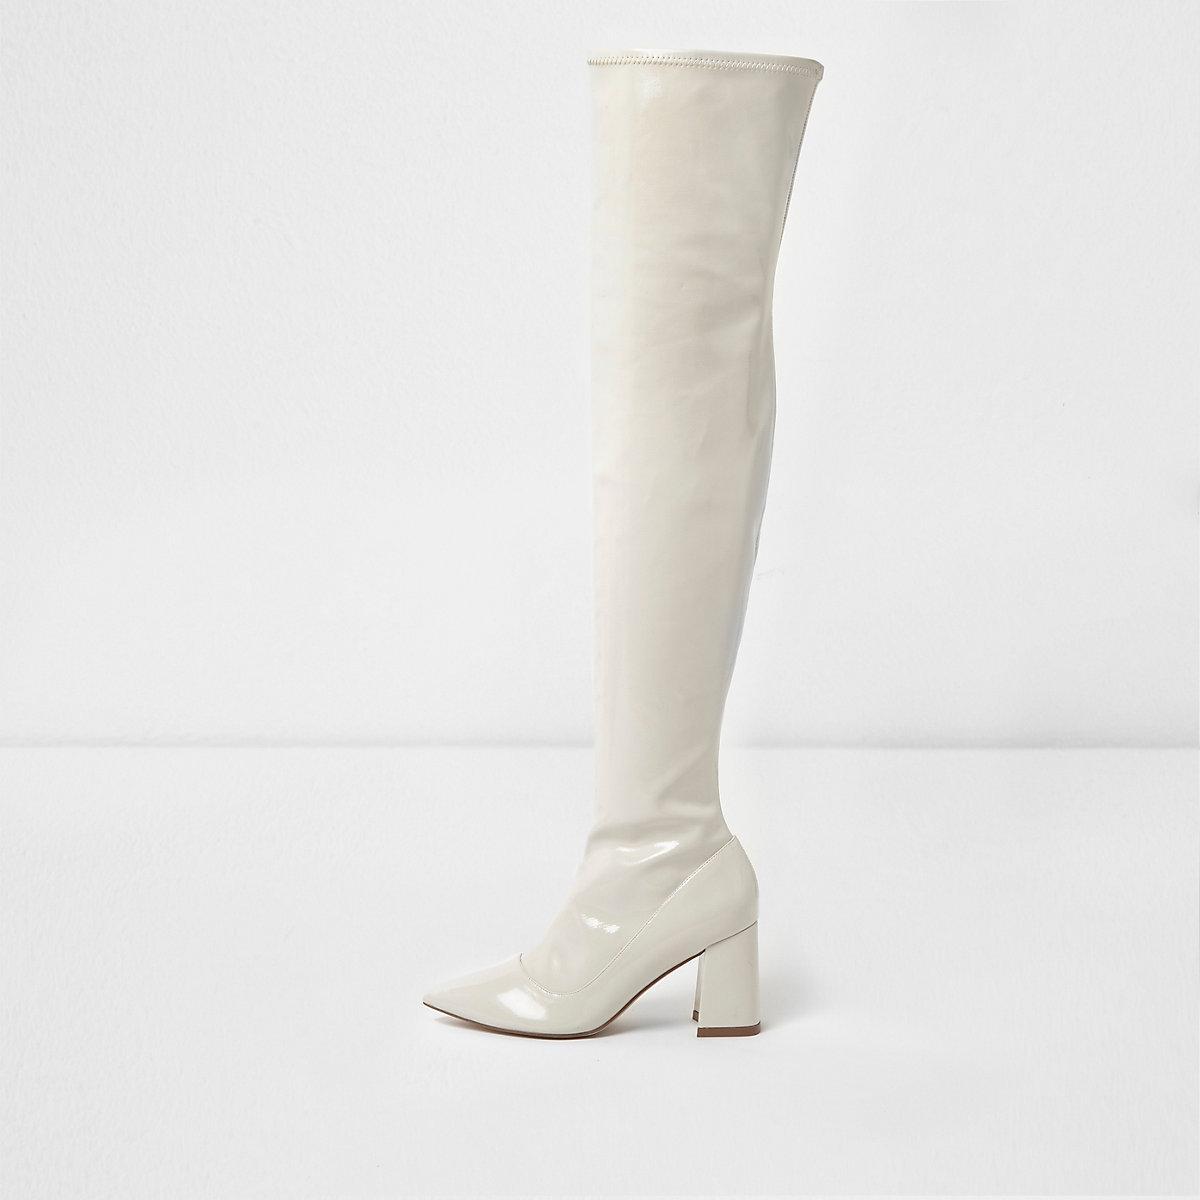 Cream patent over the knee block heel boots